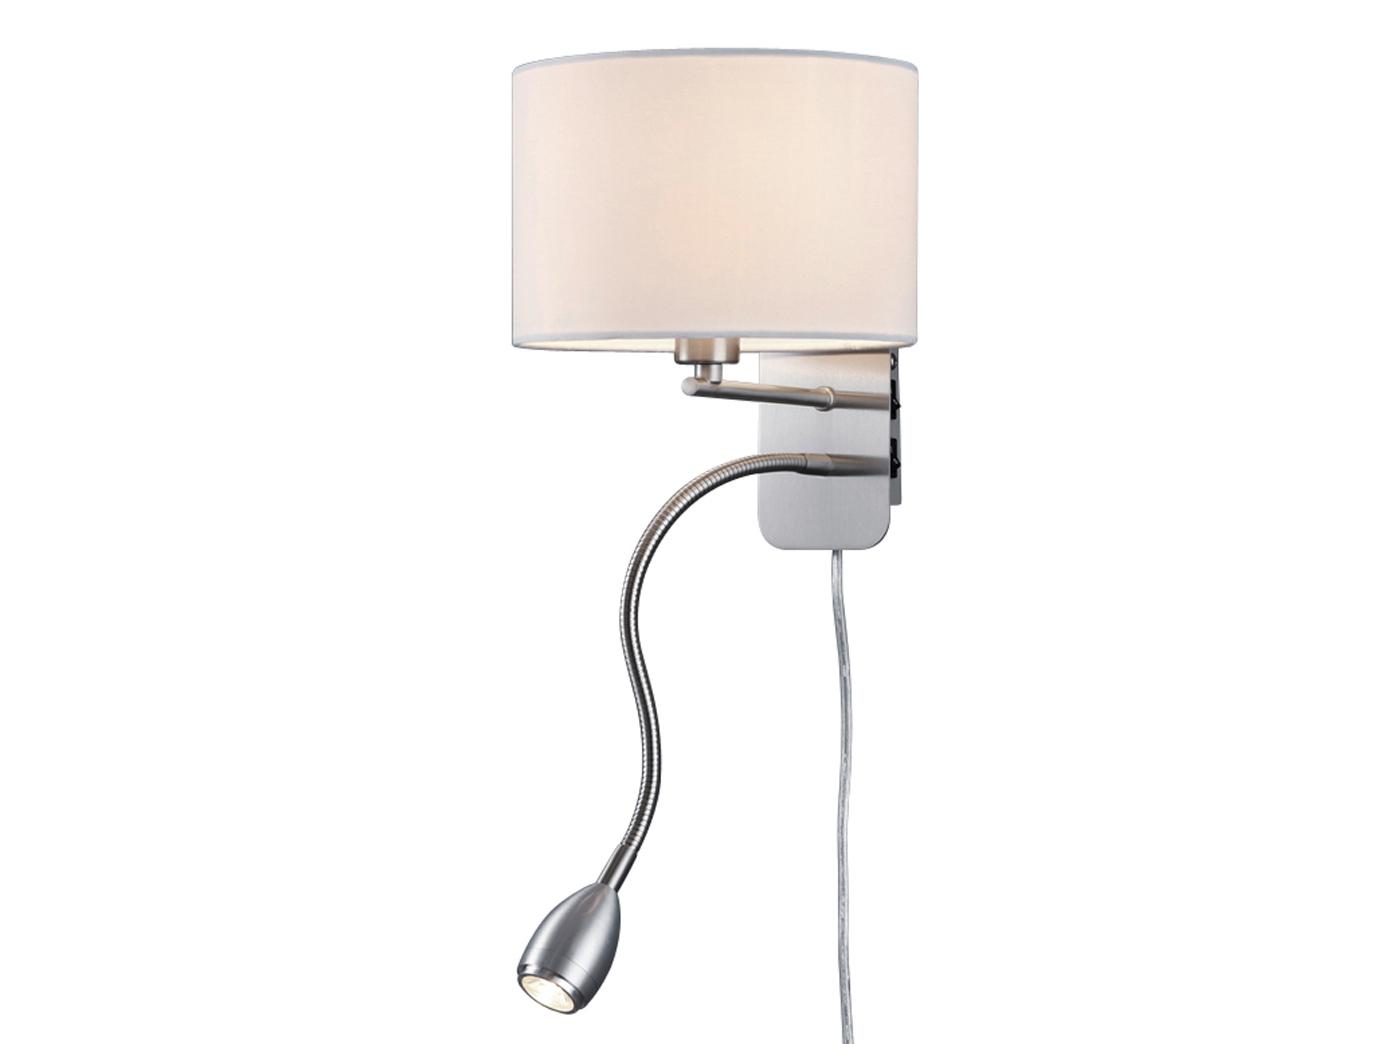 Wandleuchte mit Stoffschirm weiß und LED Leselampe fürs Bett - Stecker  Kabel - yatego.com